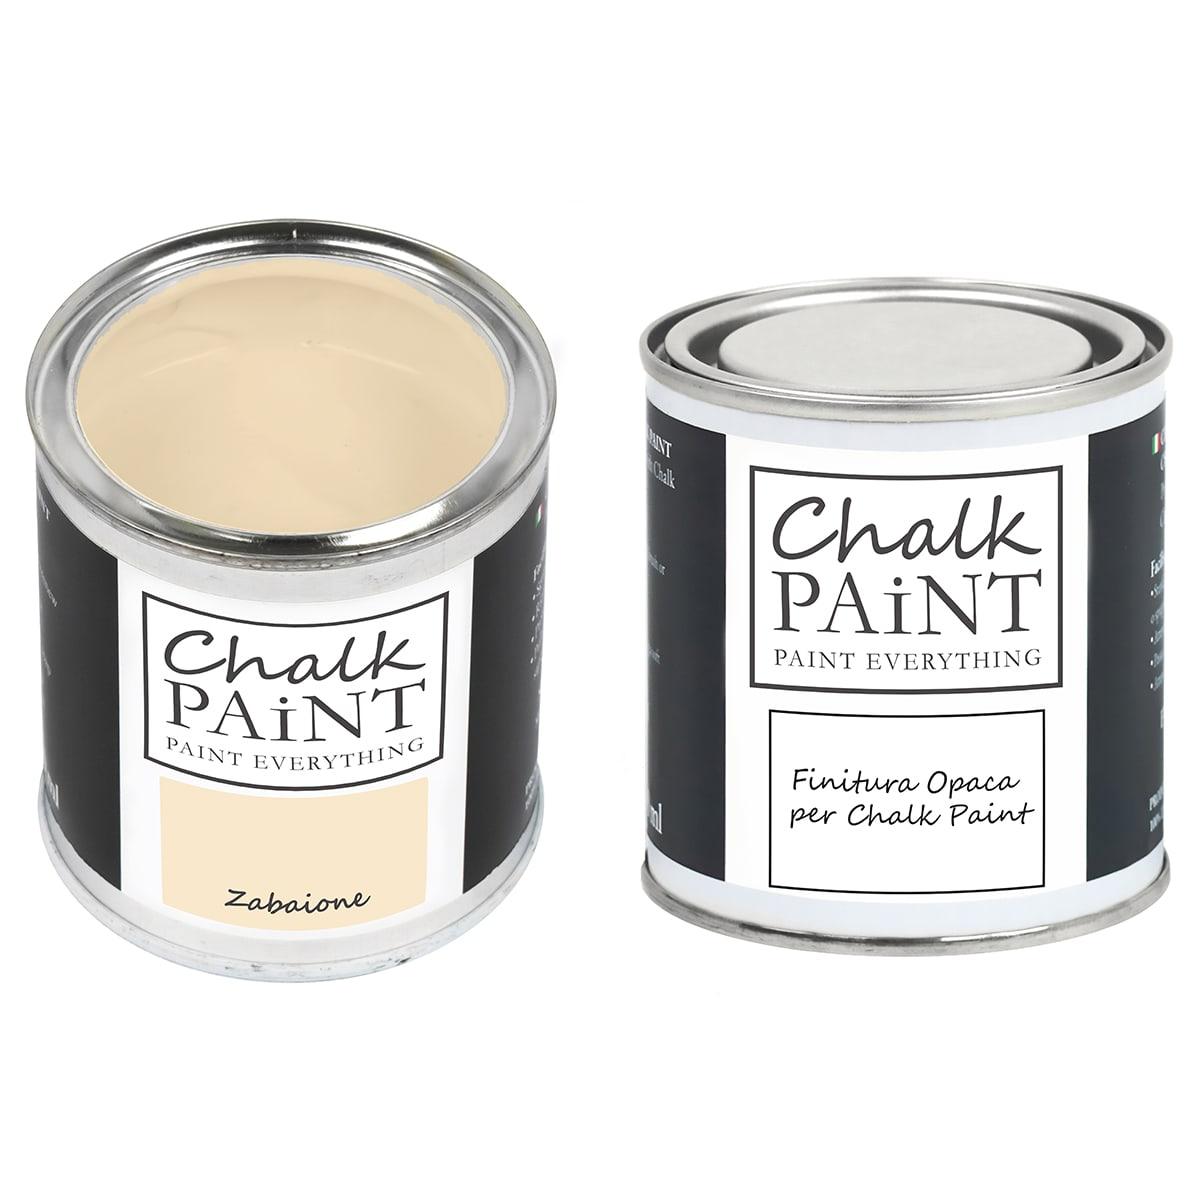 Chalk Paint Zabaione + finitura